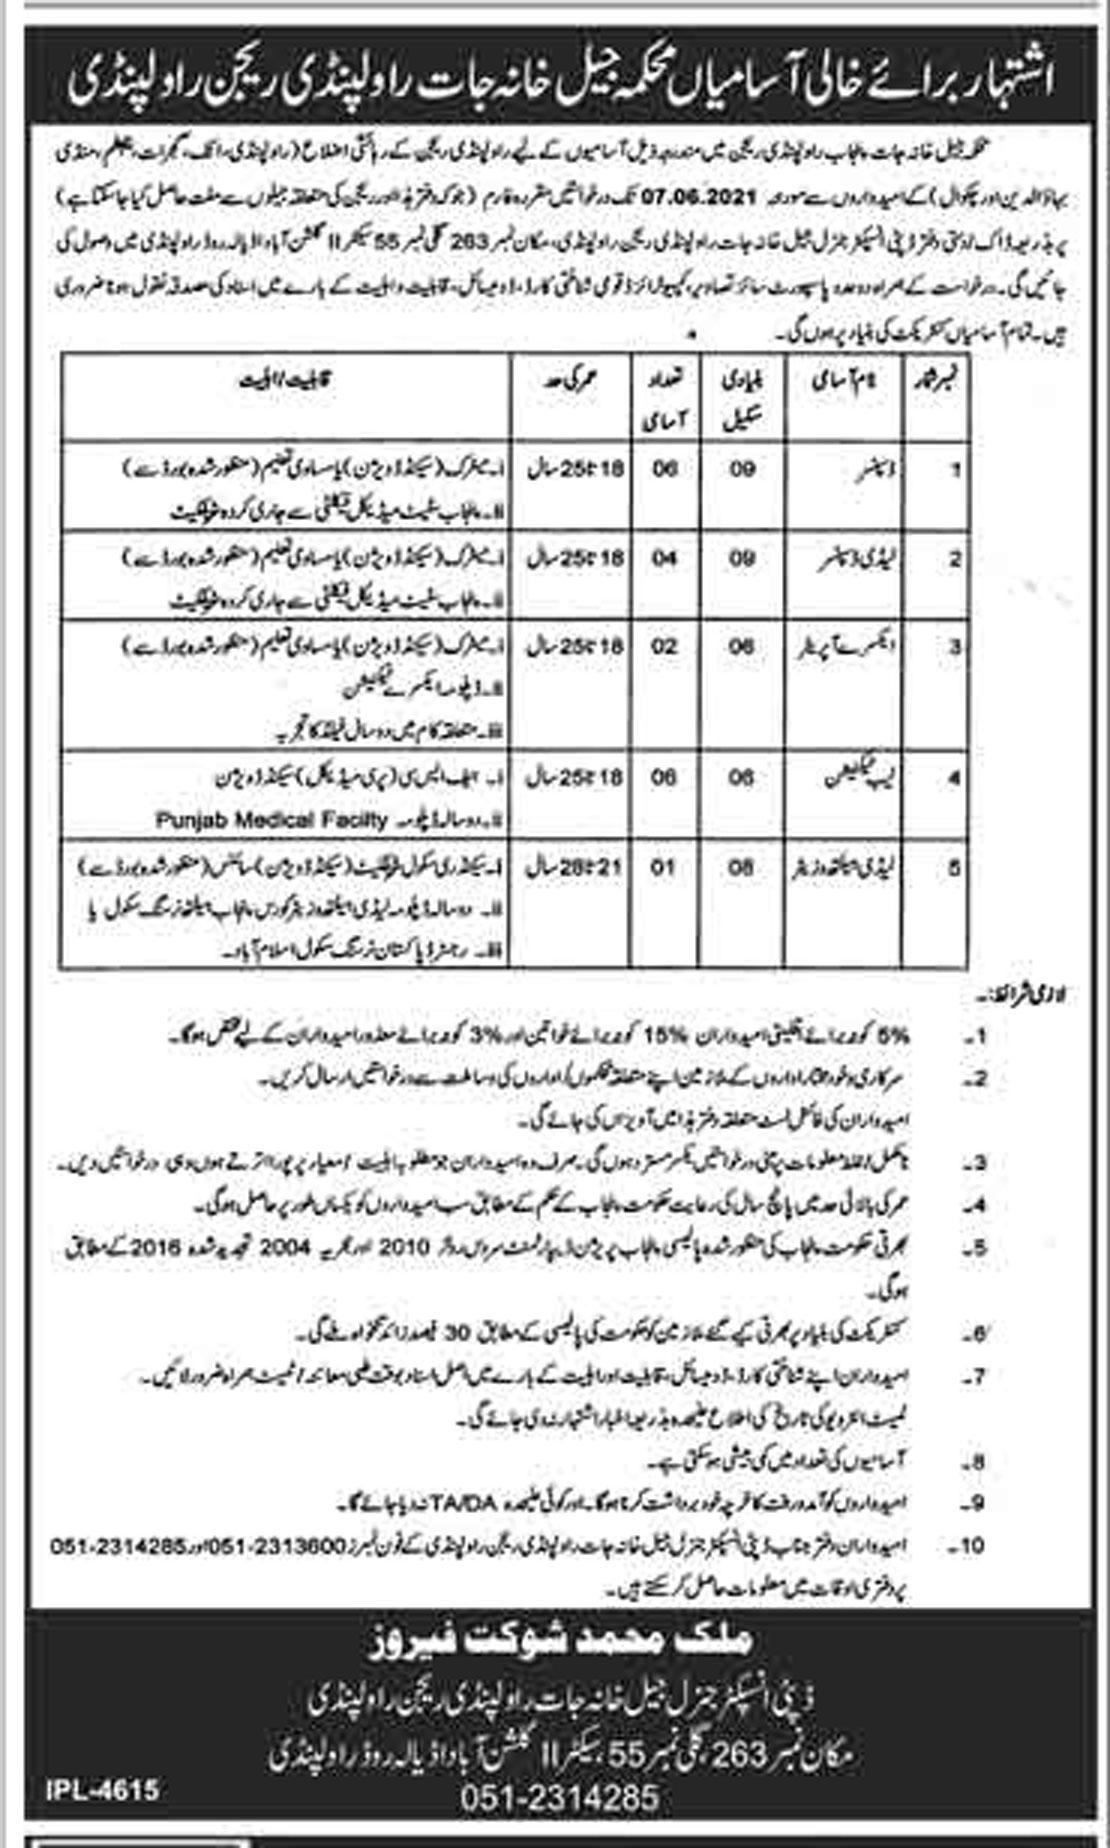 Prison Department Rawalpindi Latest Jobs 2021 at Jail Khana Jat